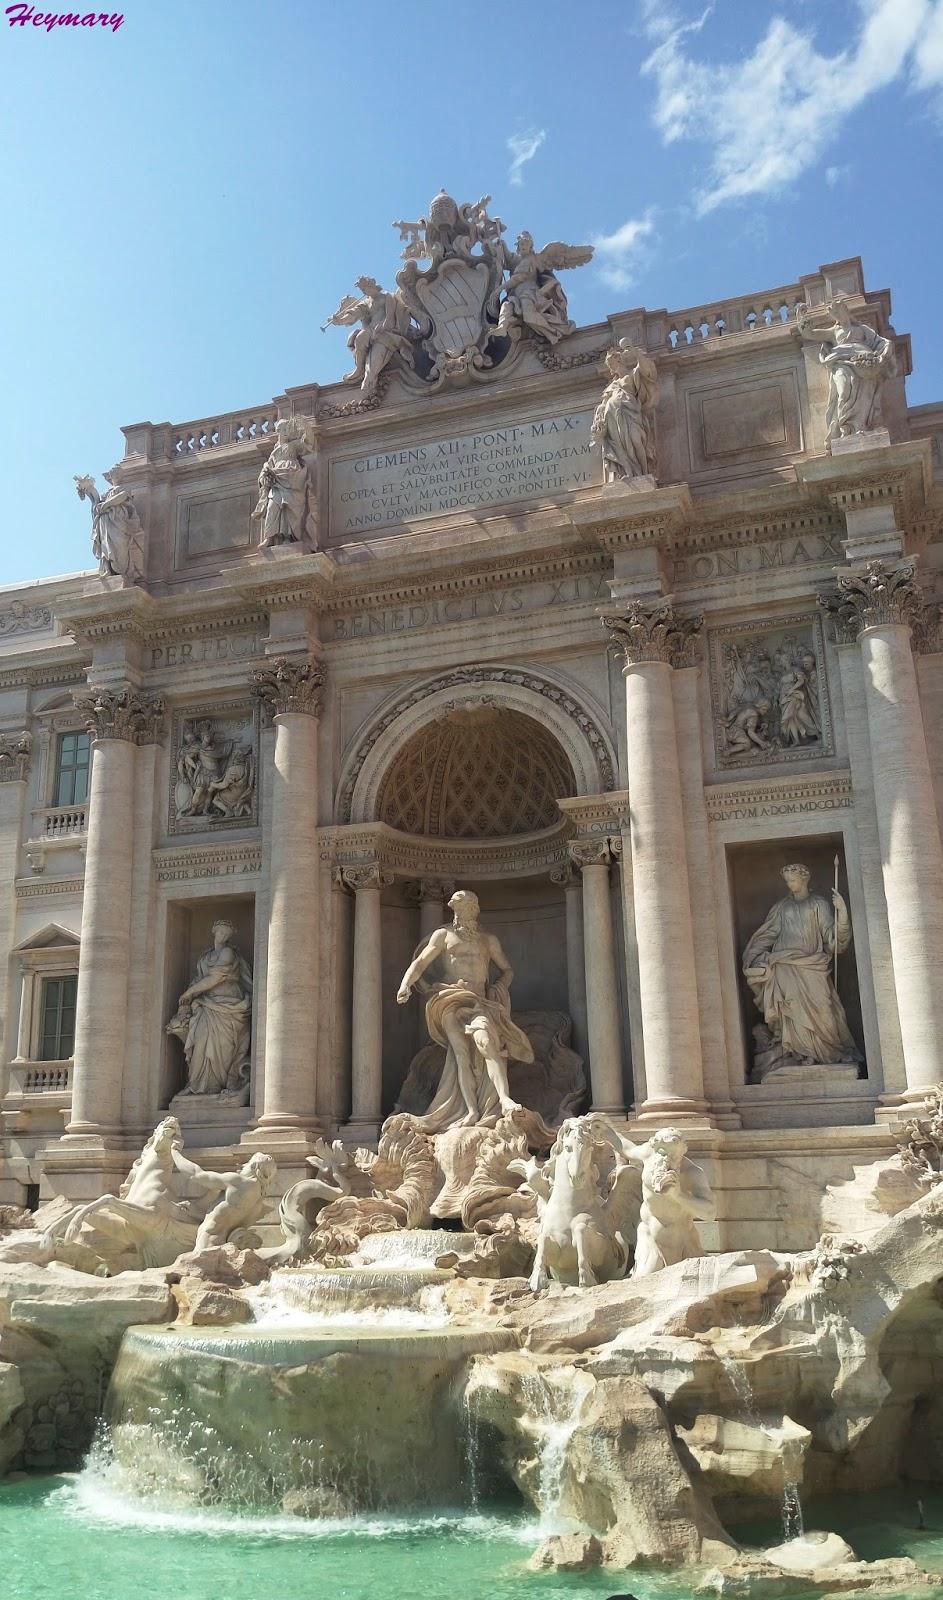 許願池飛馬戰車的海神,左右二側是豐裕與健康女神羅馬西班牙台階歐洲最長最寬階梯